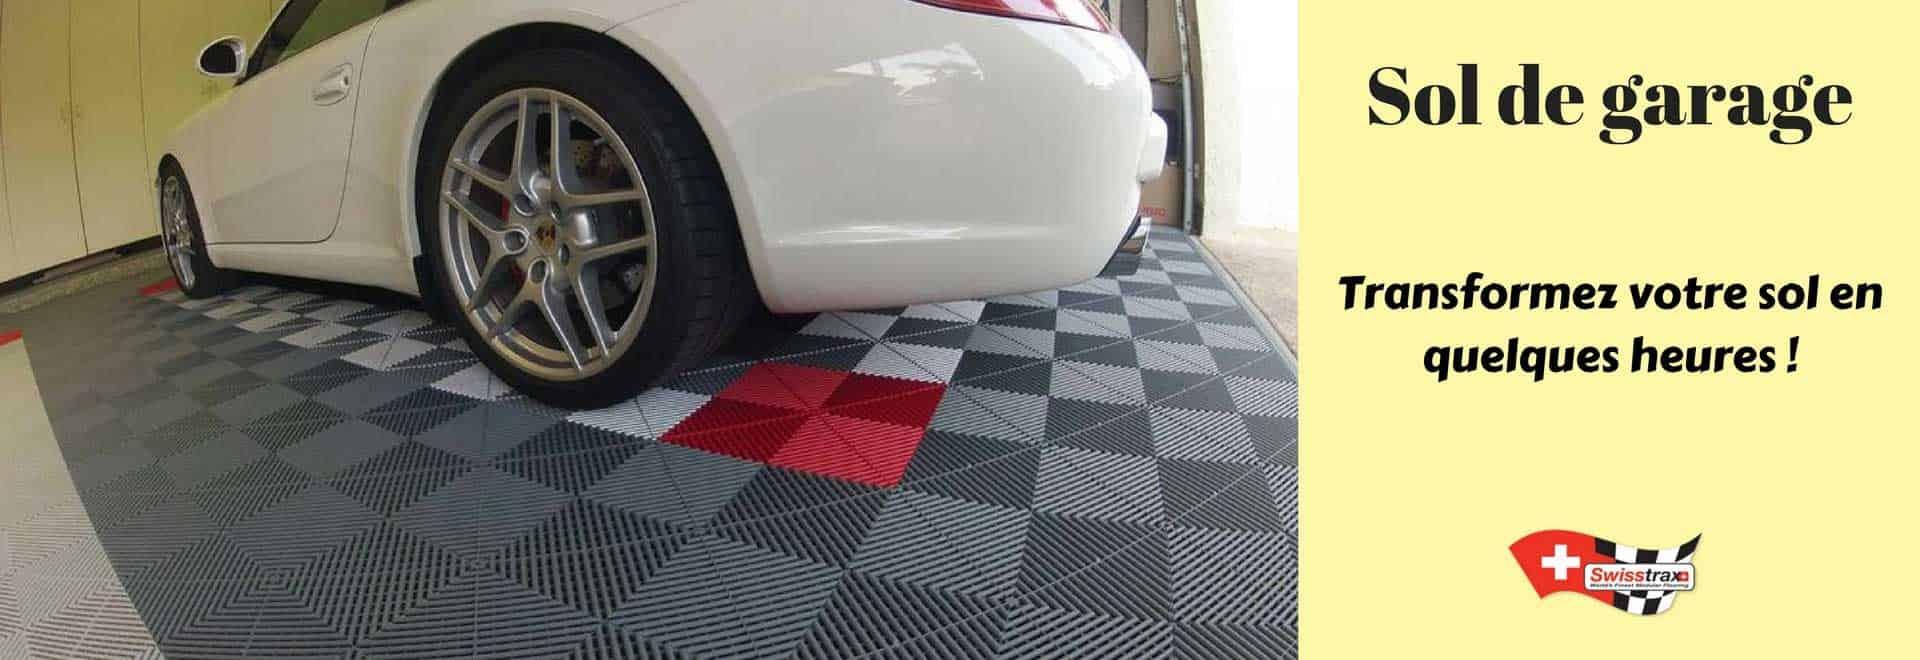 Votre sol de garage